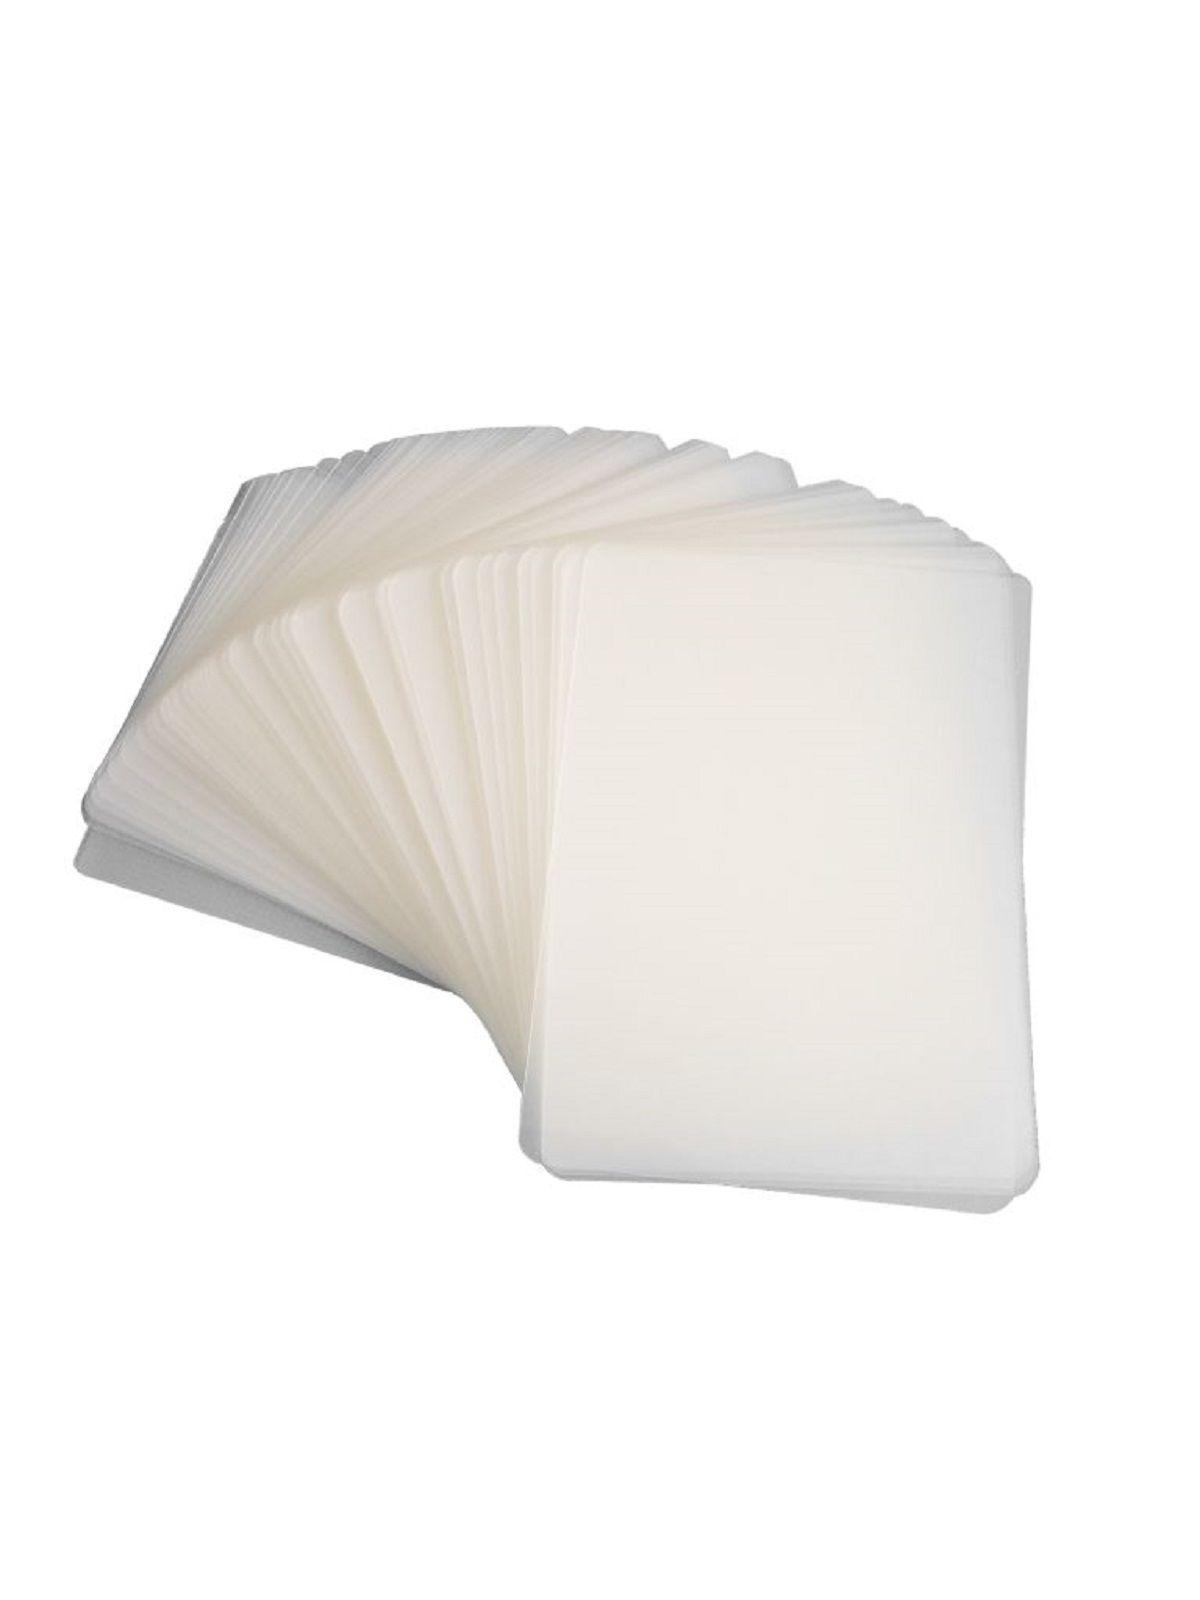 Polaseal para Plastificação 1/2 Oficio 170x226x0,05mm (125 micras) - Pacote com 100 unidades  - Click Suprimentos